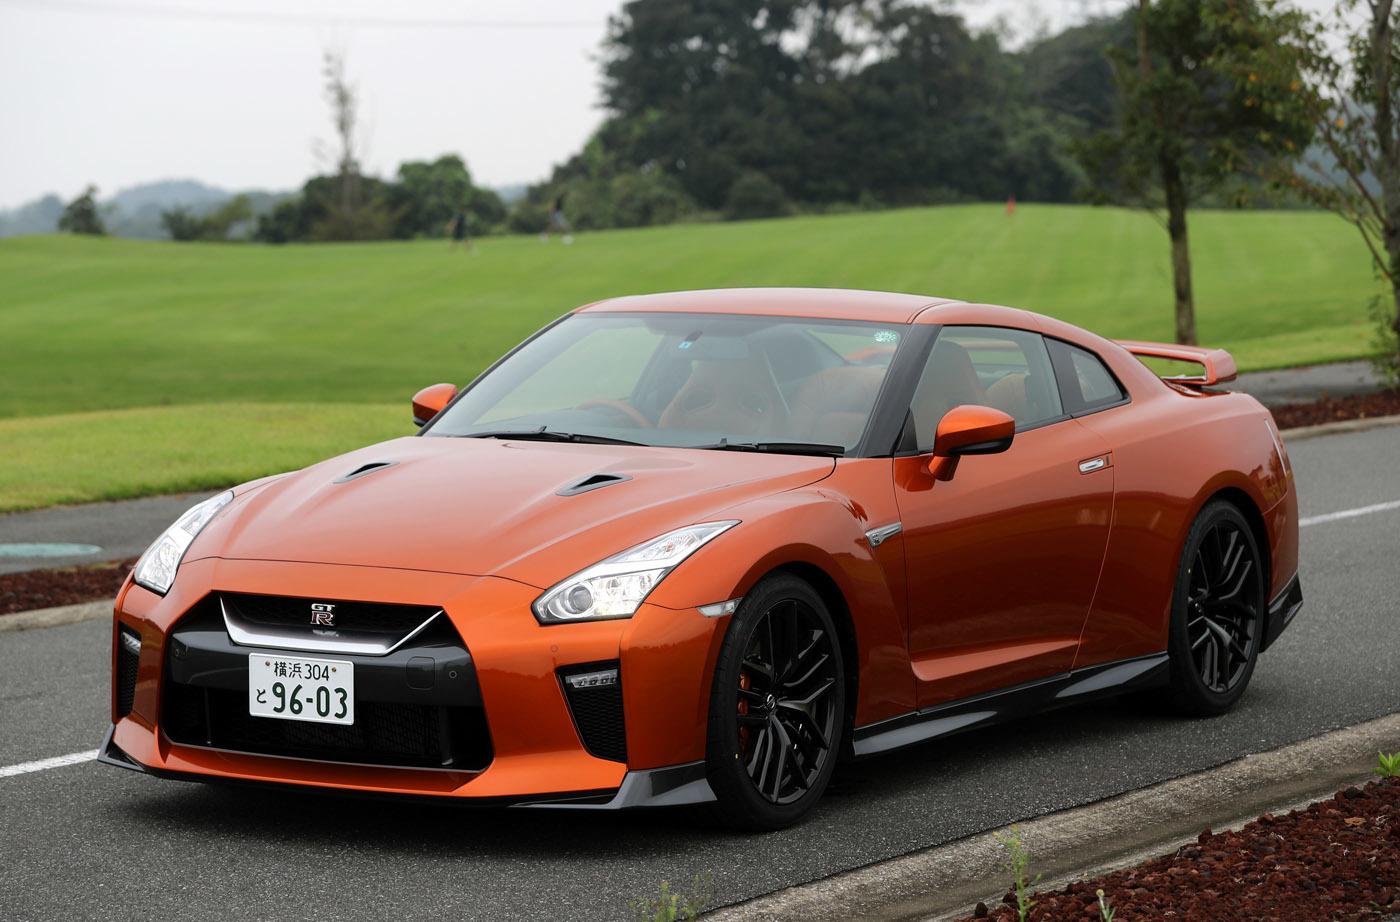 現行型GT-Rもデビューから10年が経過。毎年外観、内装、エンジン等に細かい進化が加えられている